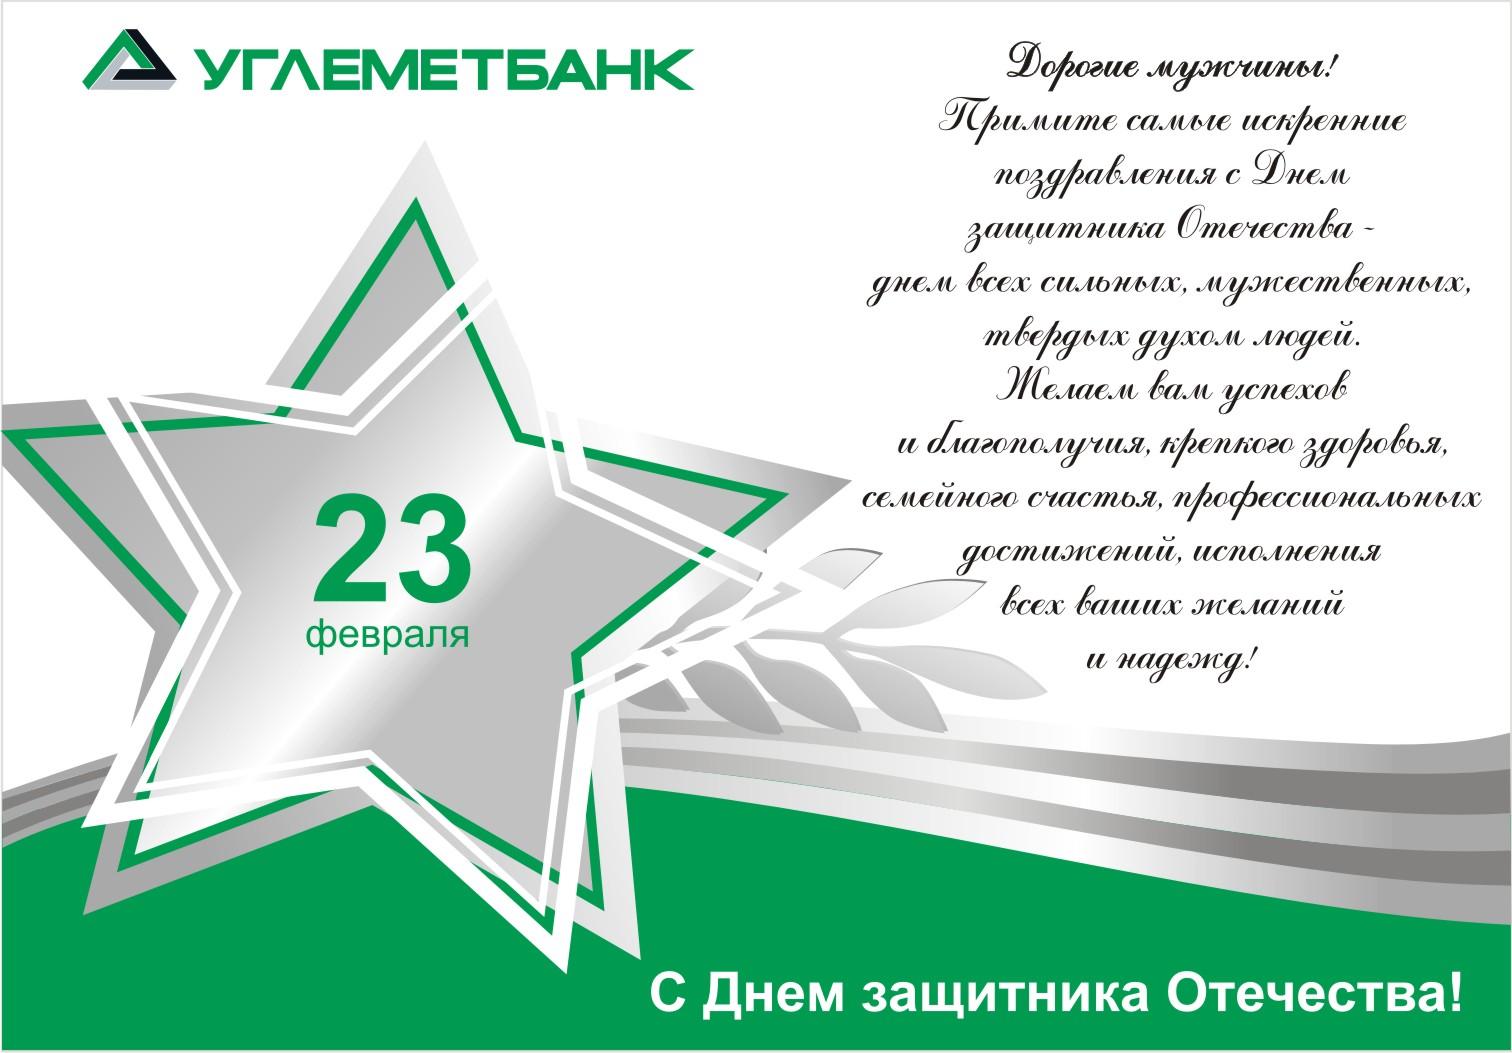 Короткое поздравление клиентам от банка